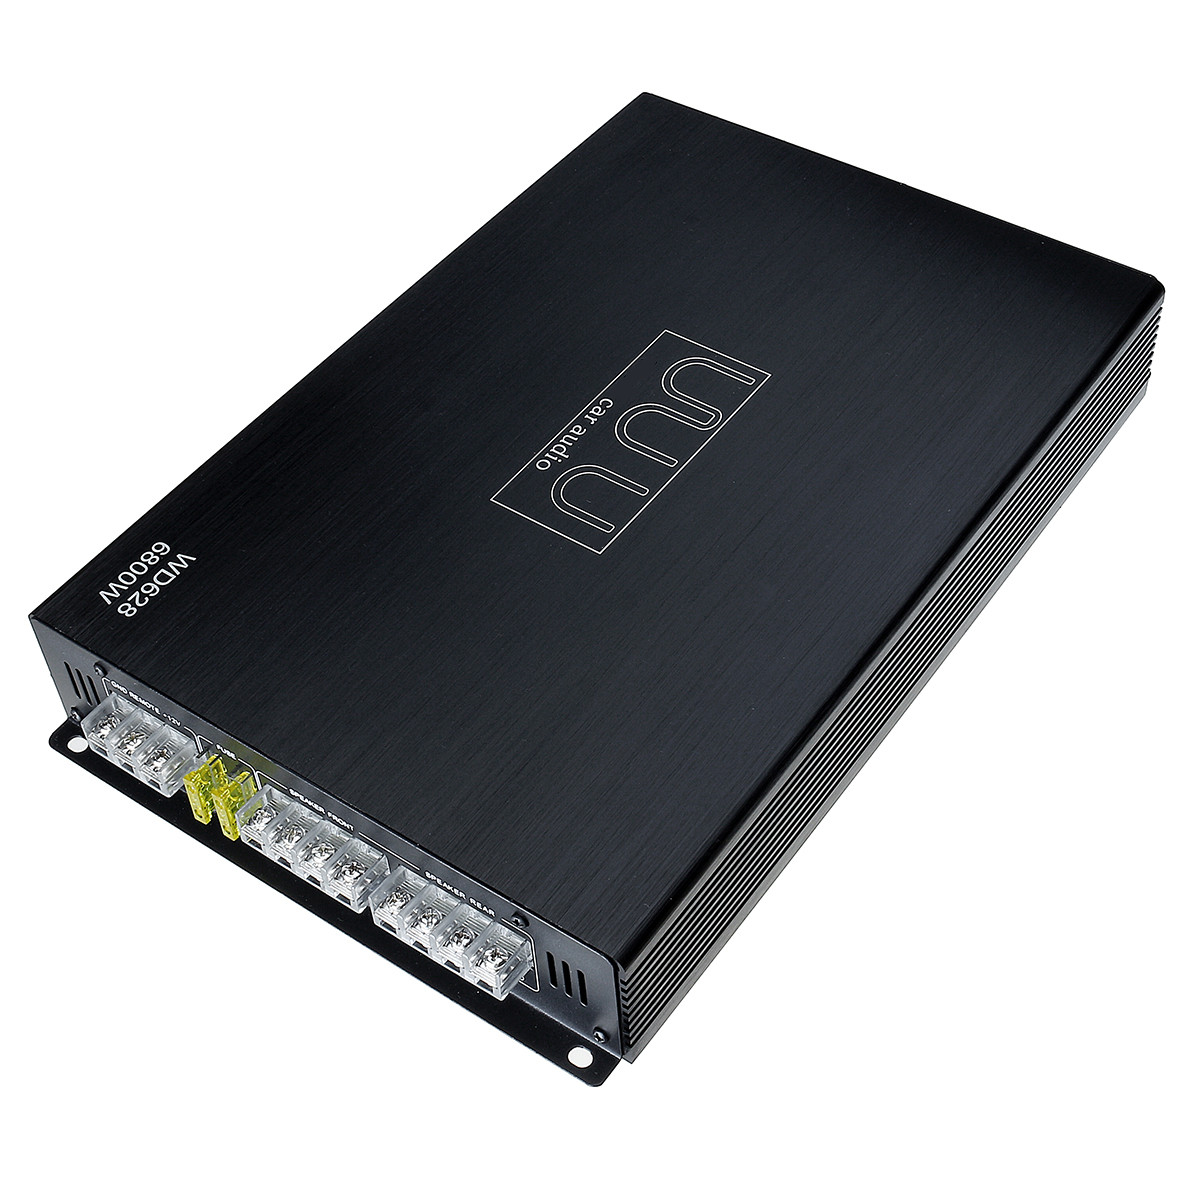 DC 12 V 6800 Watt 4 canaux amplificateur de voiture Audio stéréo haut-parleur de basse voiture amplificateurs Audio Subwoofer voiture amplificateurs Audio - 4